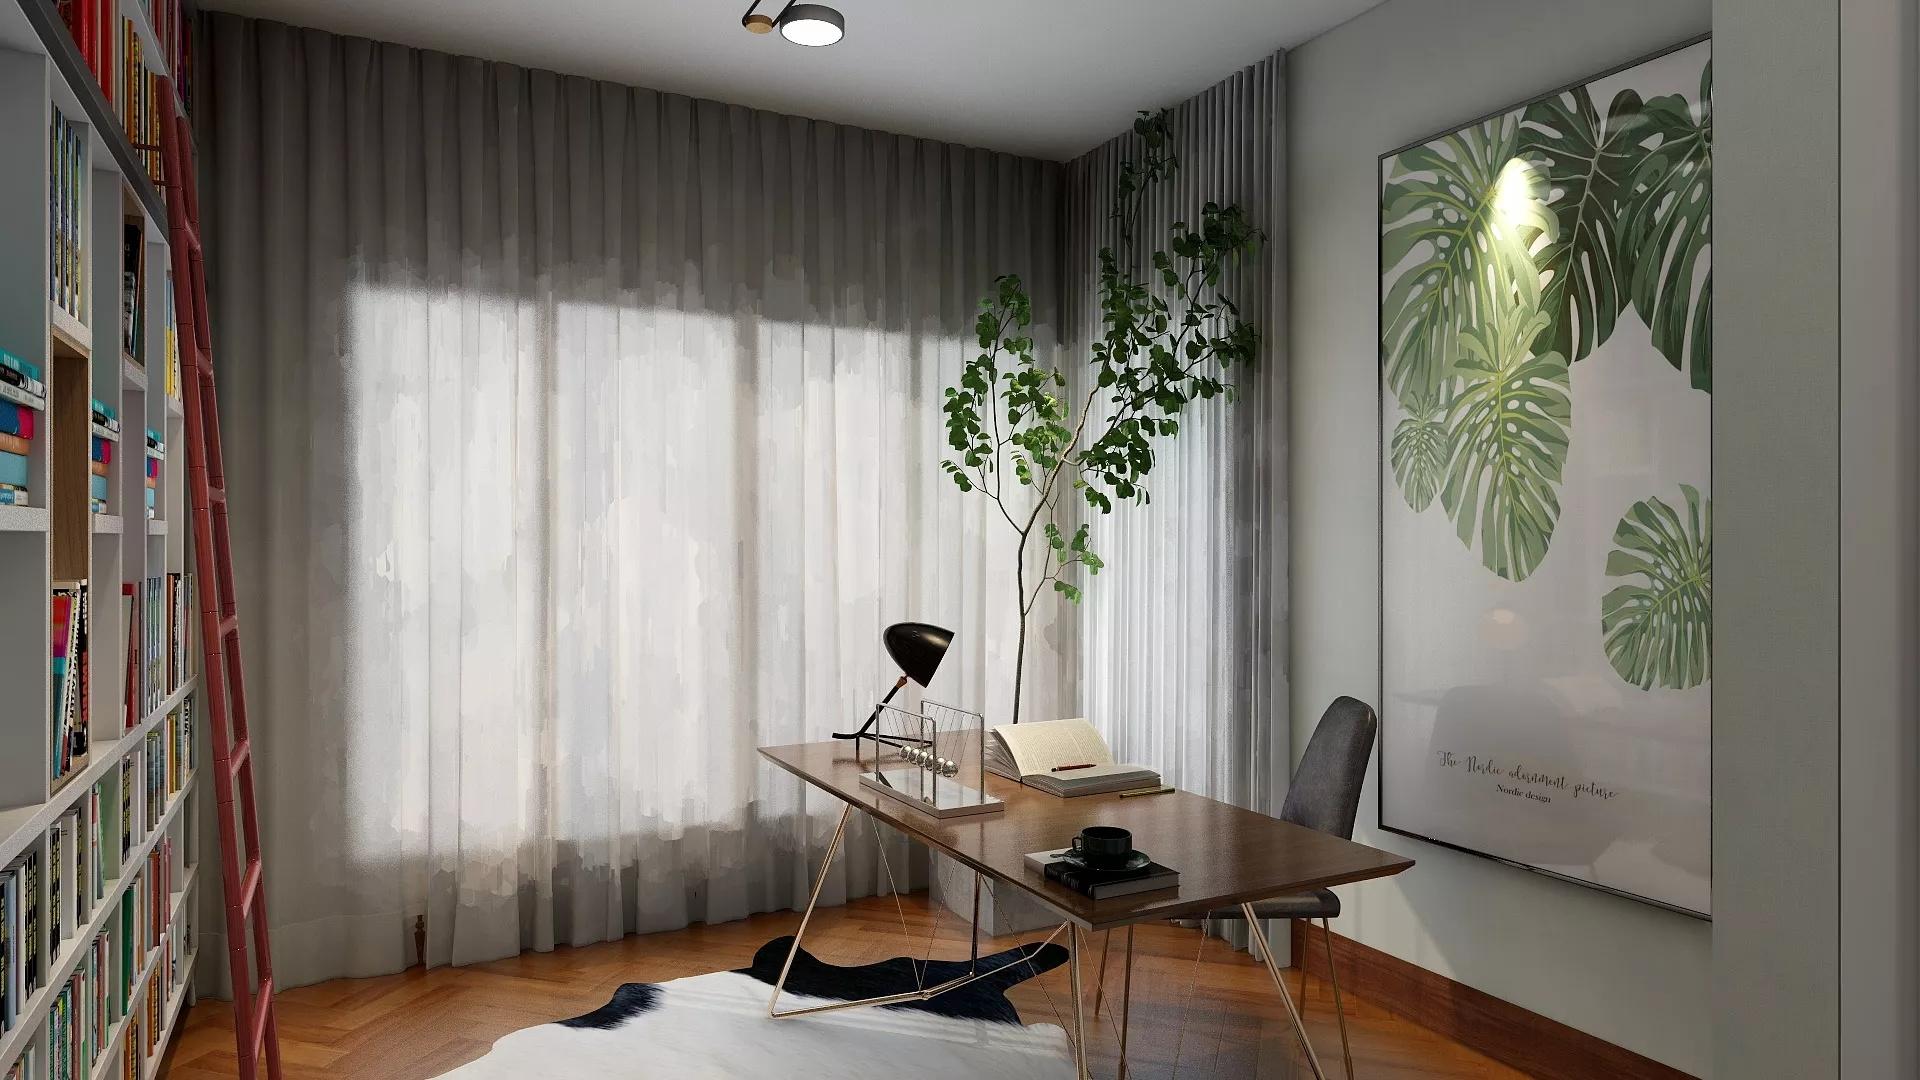 简约温馨阁楼休息室设计